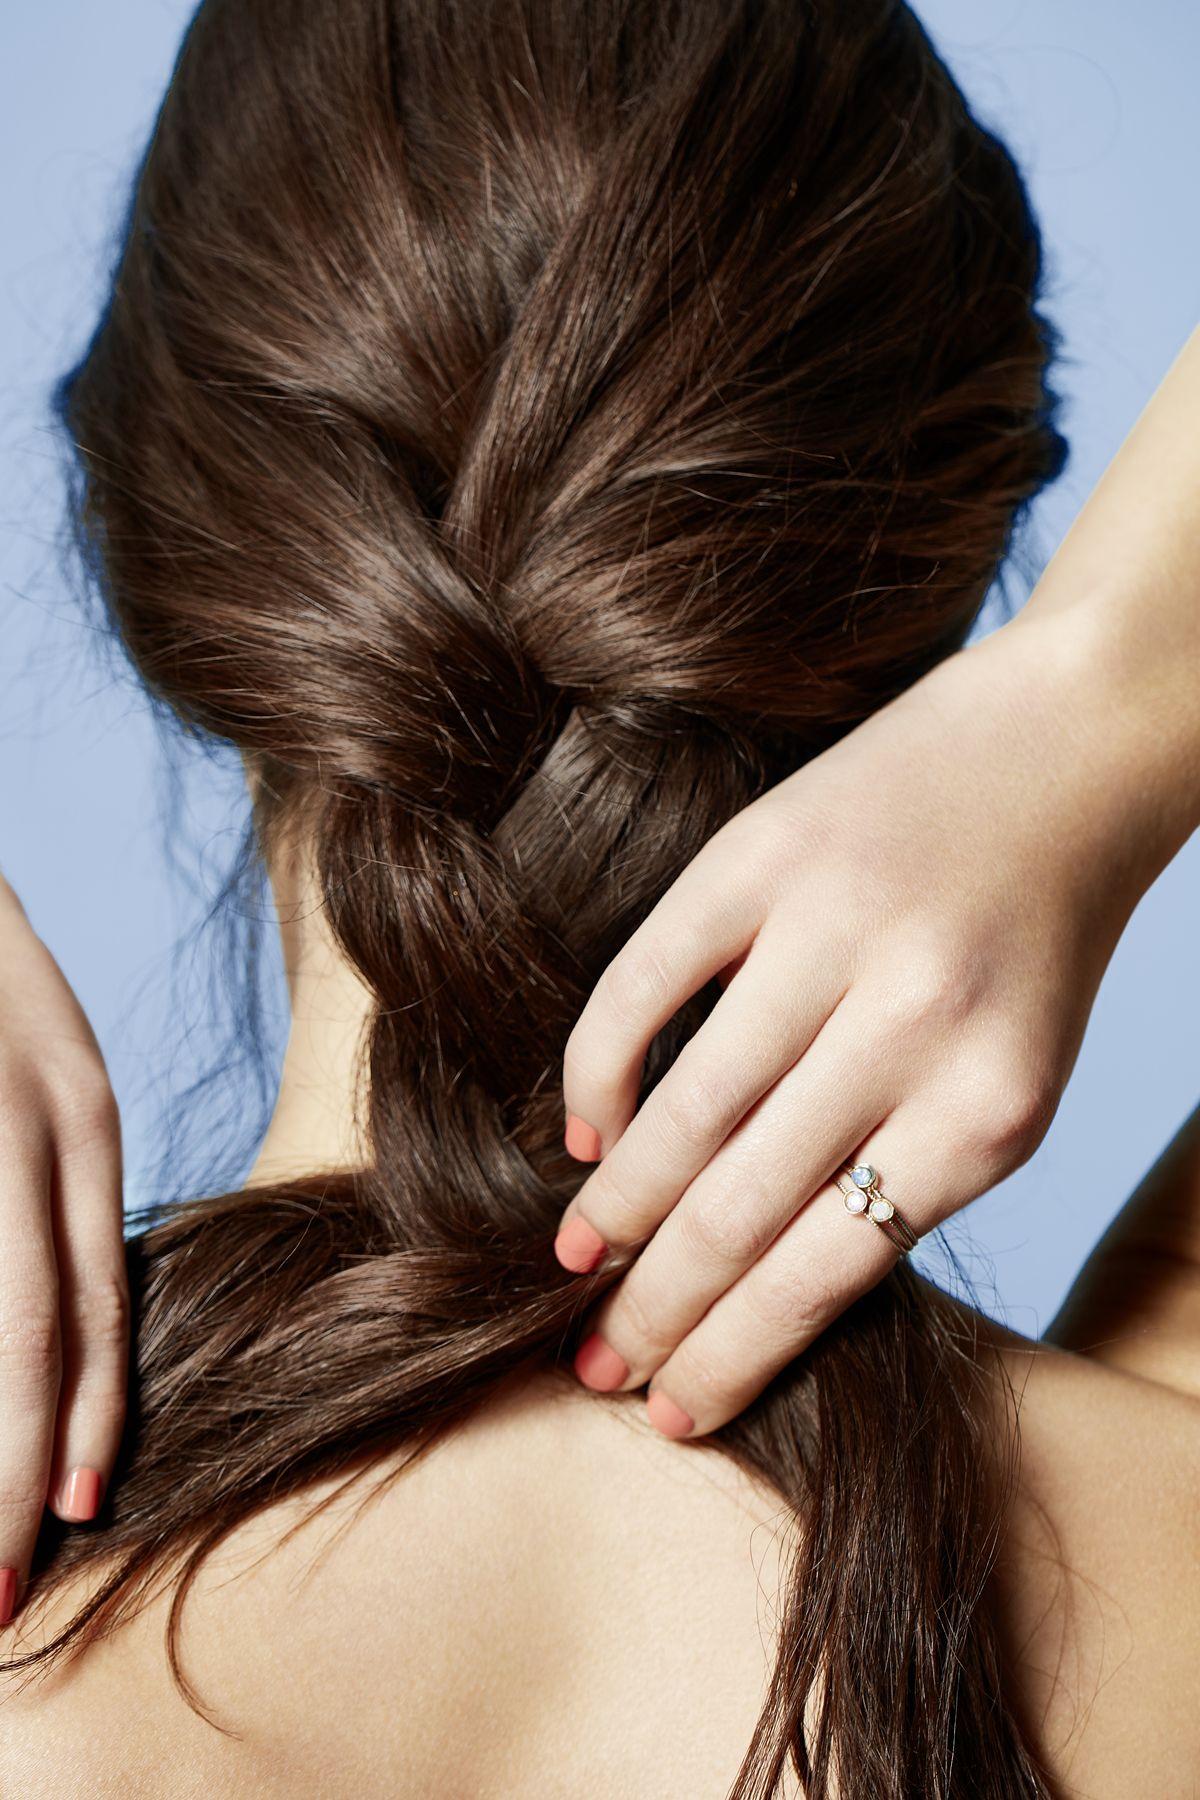 Ovog ljeta nosi se zdrava kosa: 5 nezaobilaznih proizvoda za sve tipove kose